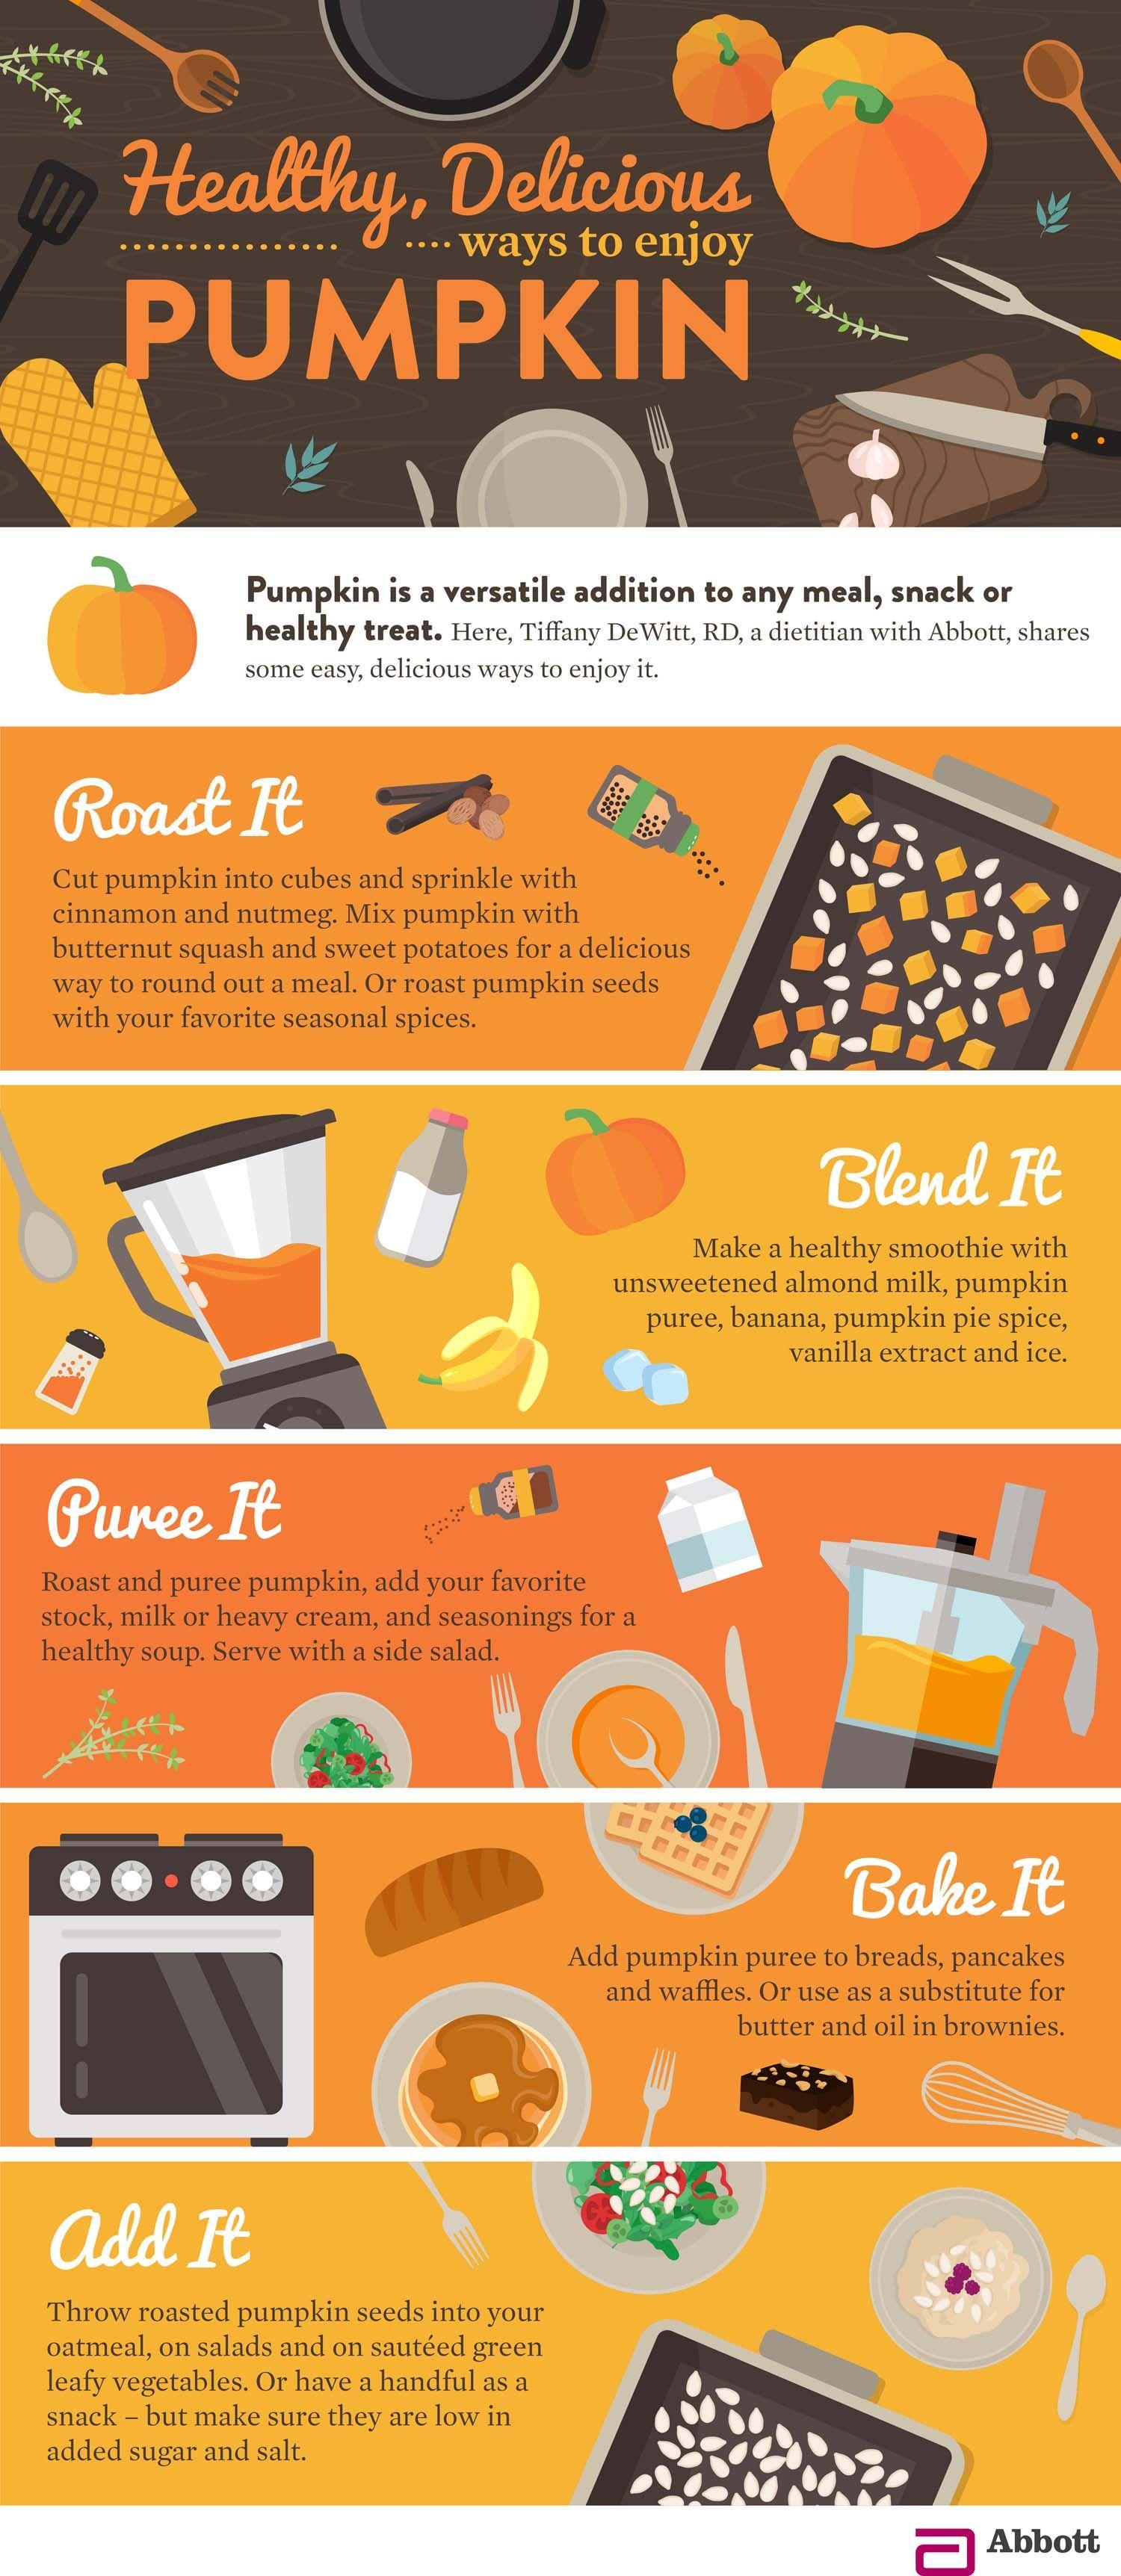 Healthy And Delicious Ways To Enjoy Pumpkin